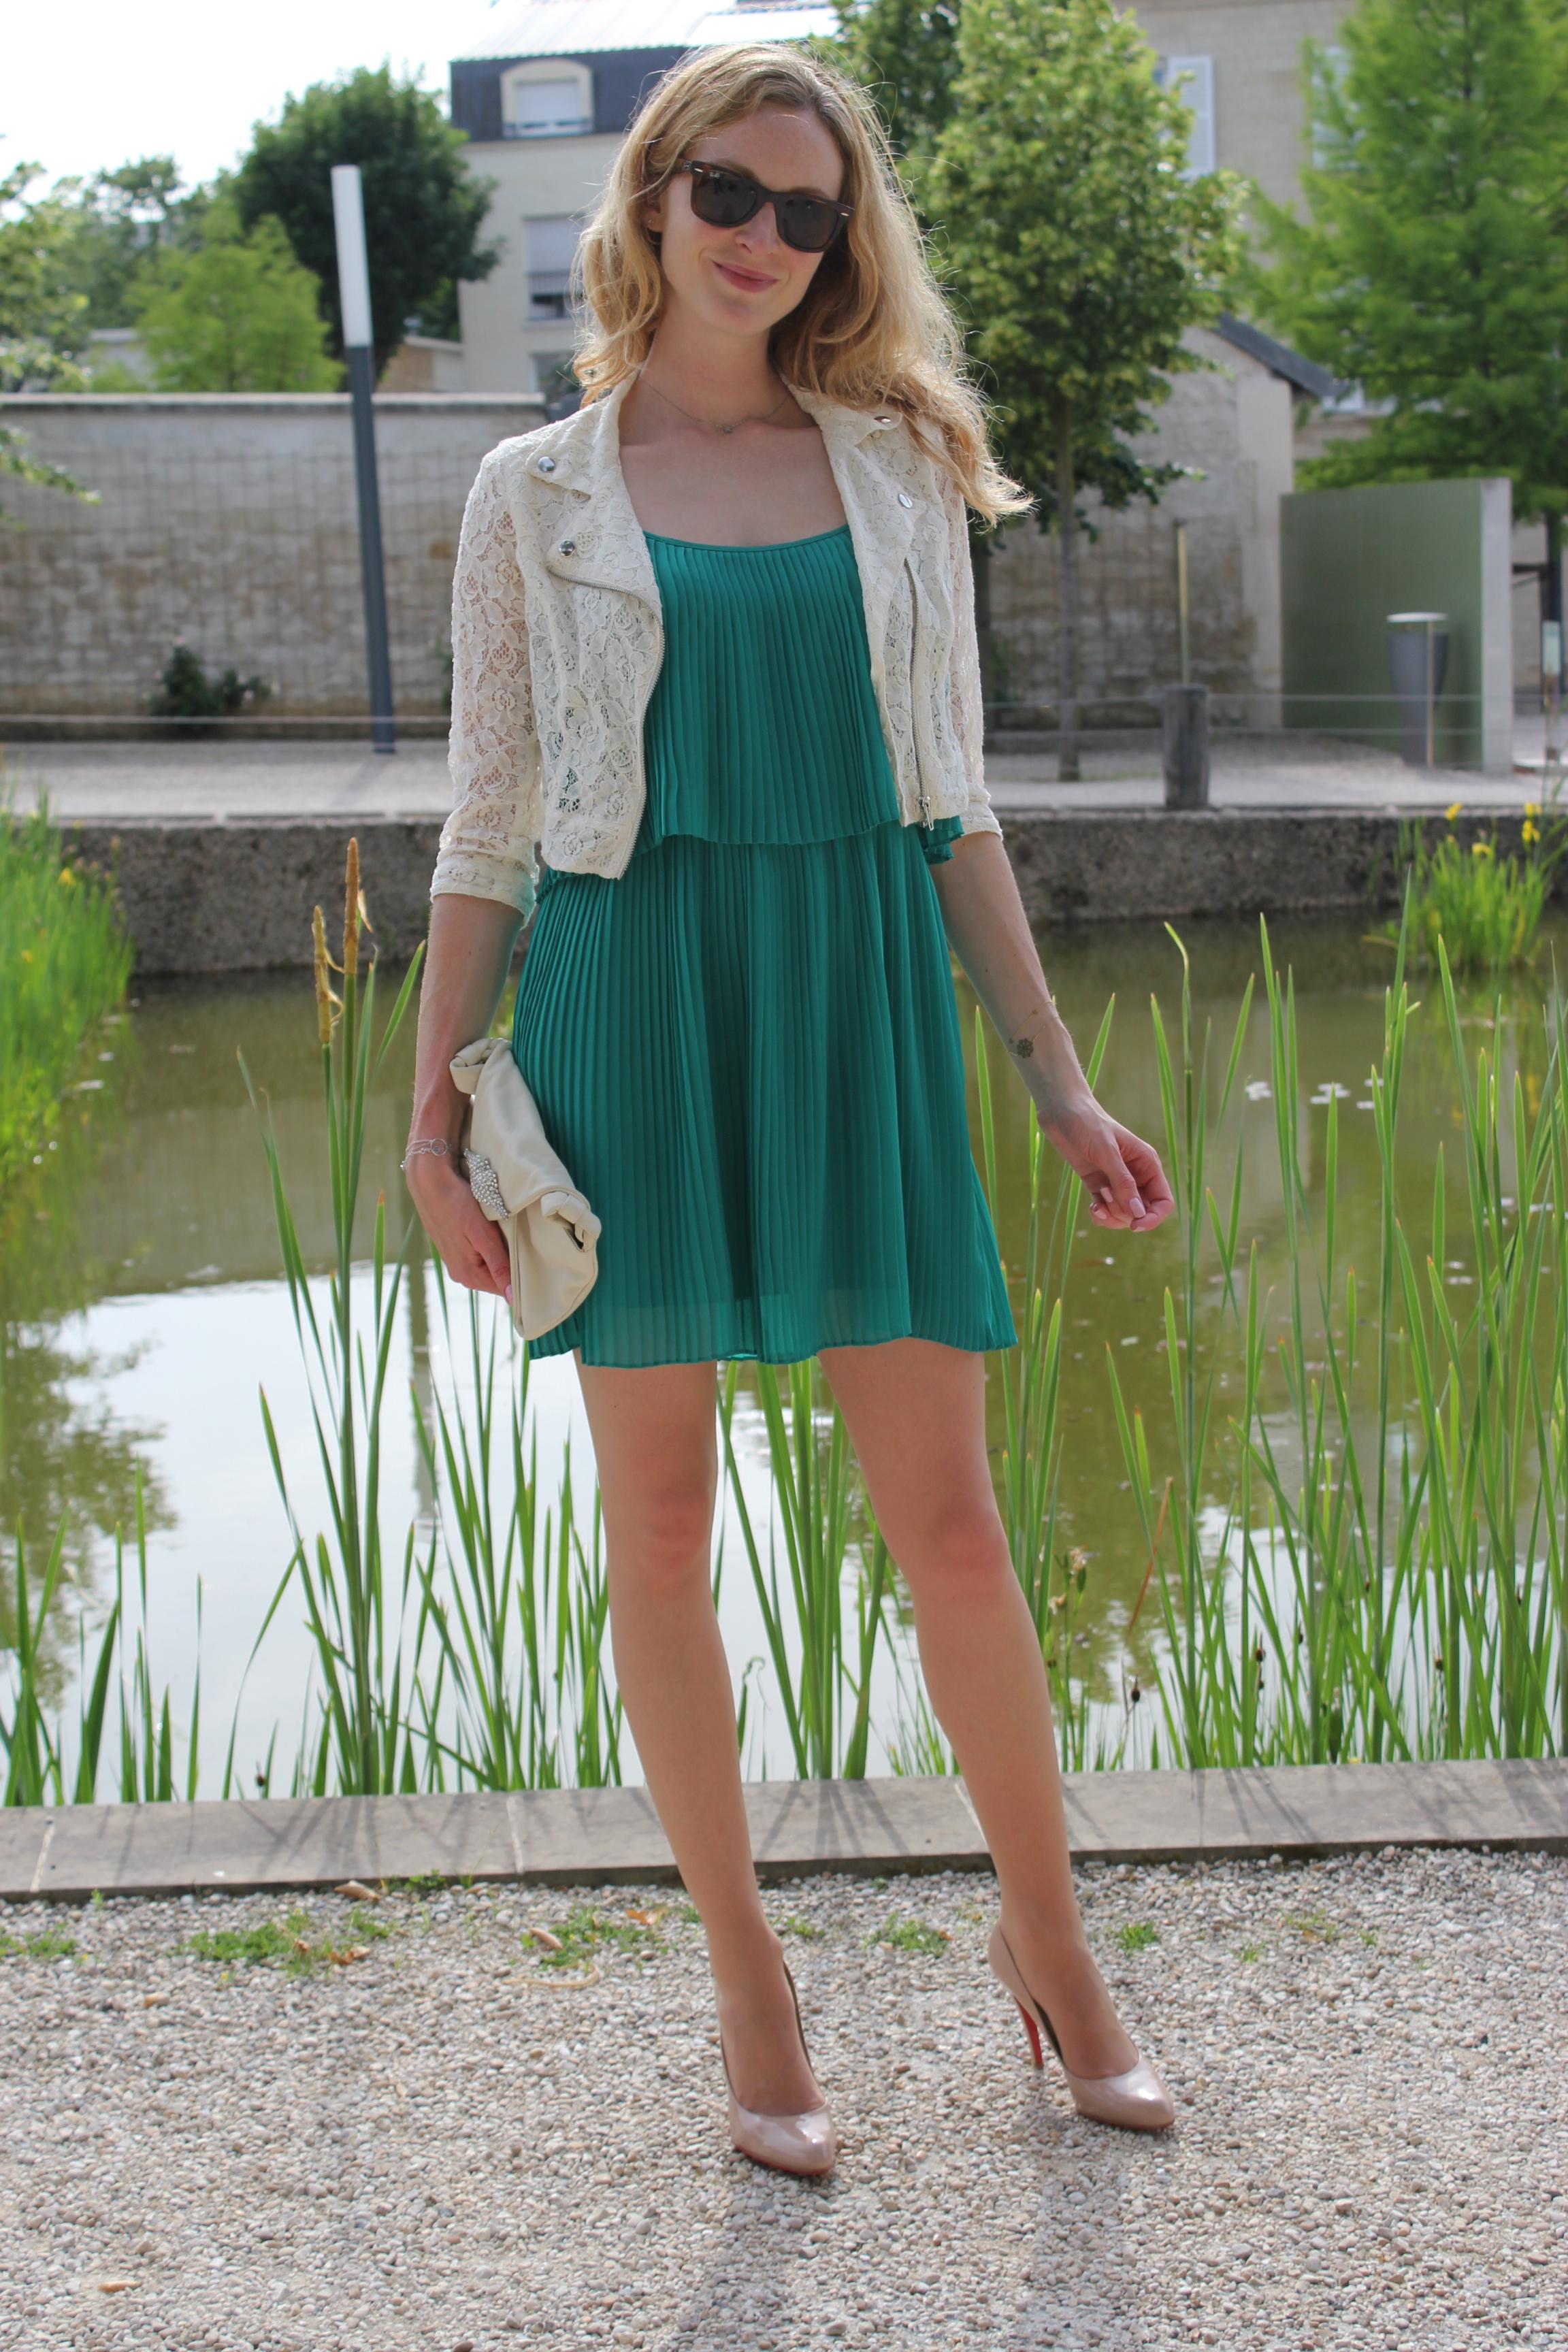 Robe pliss soleil une parenth se mode for Robes vertes pour les mariages